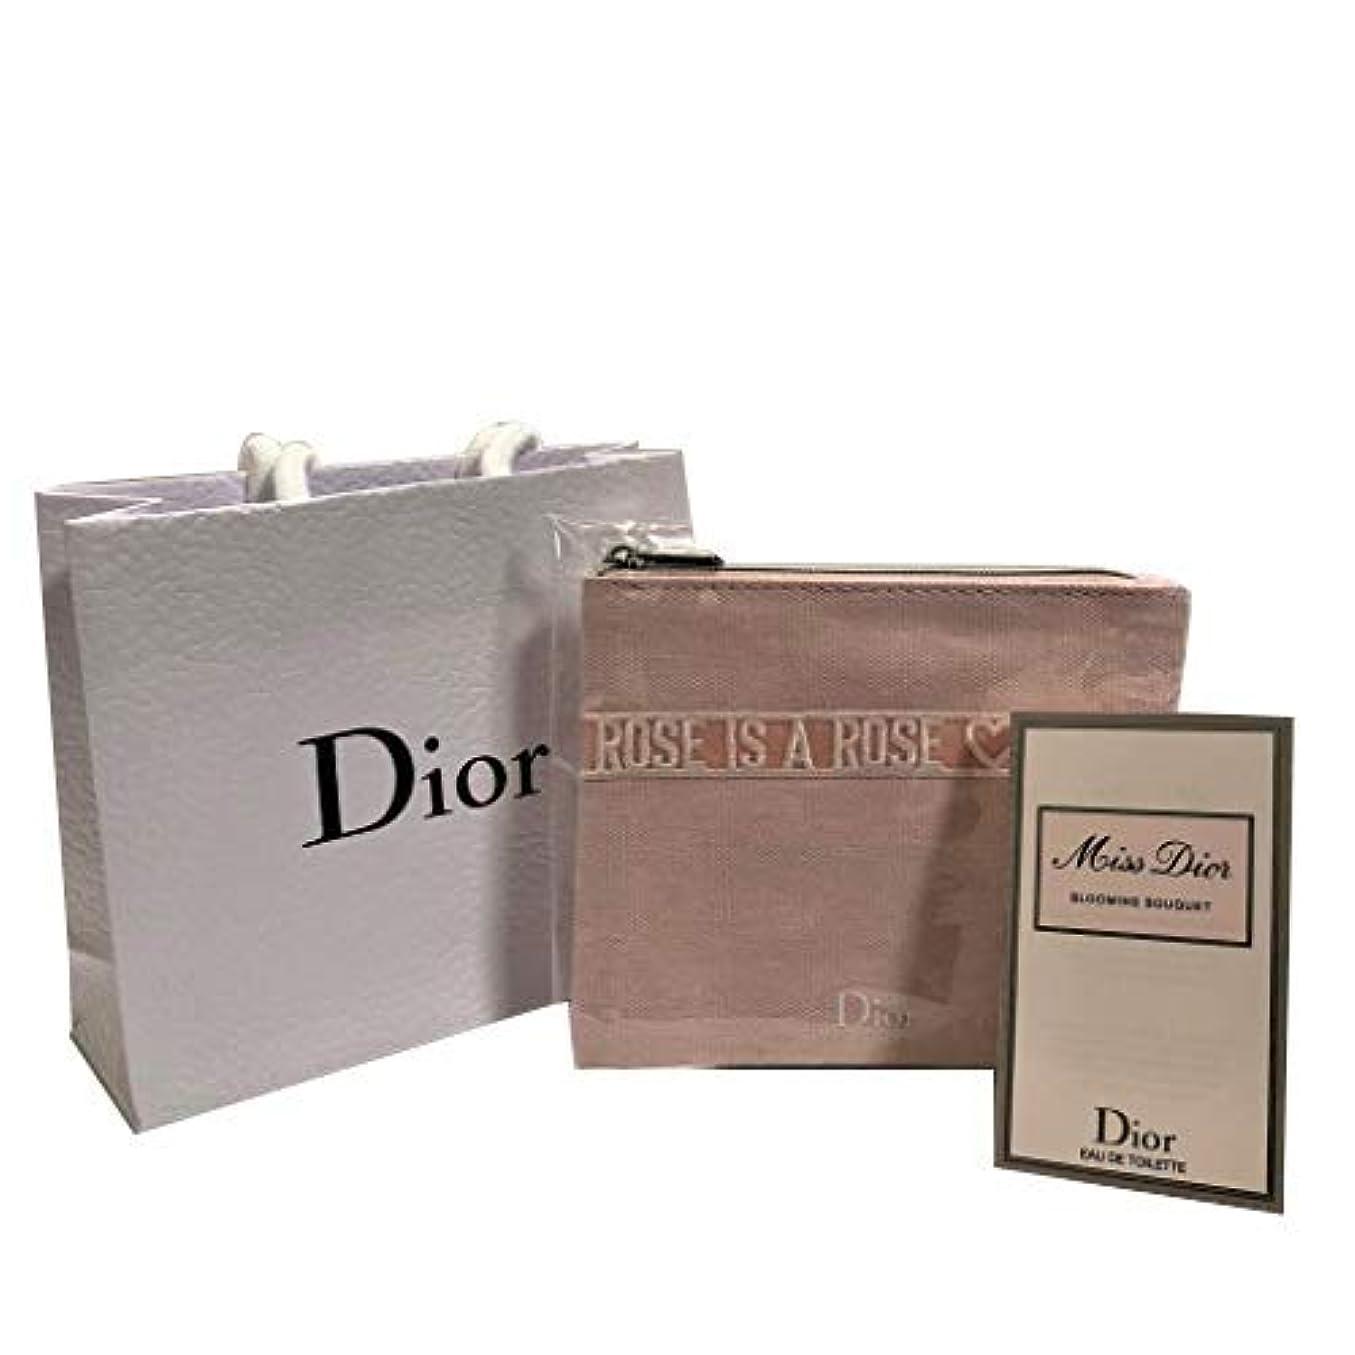 冗談で改善する民主主義Dior ディオール ミニポーチセット( ミス ディオール ブルーミング ブーケ EDT SP 1ml)